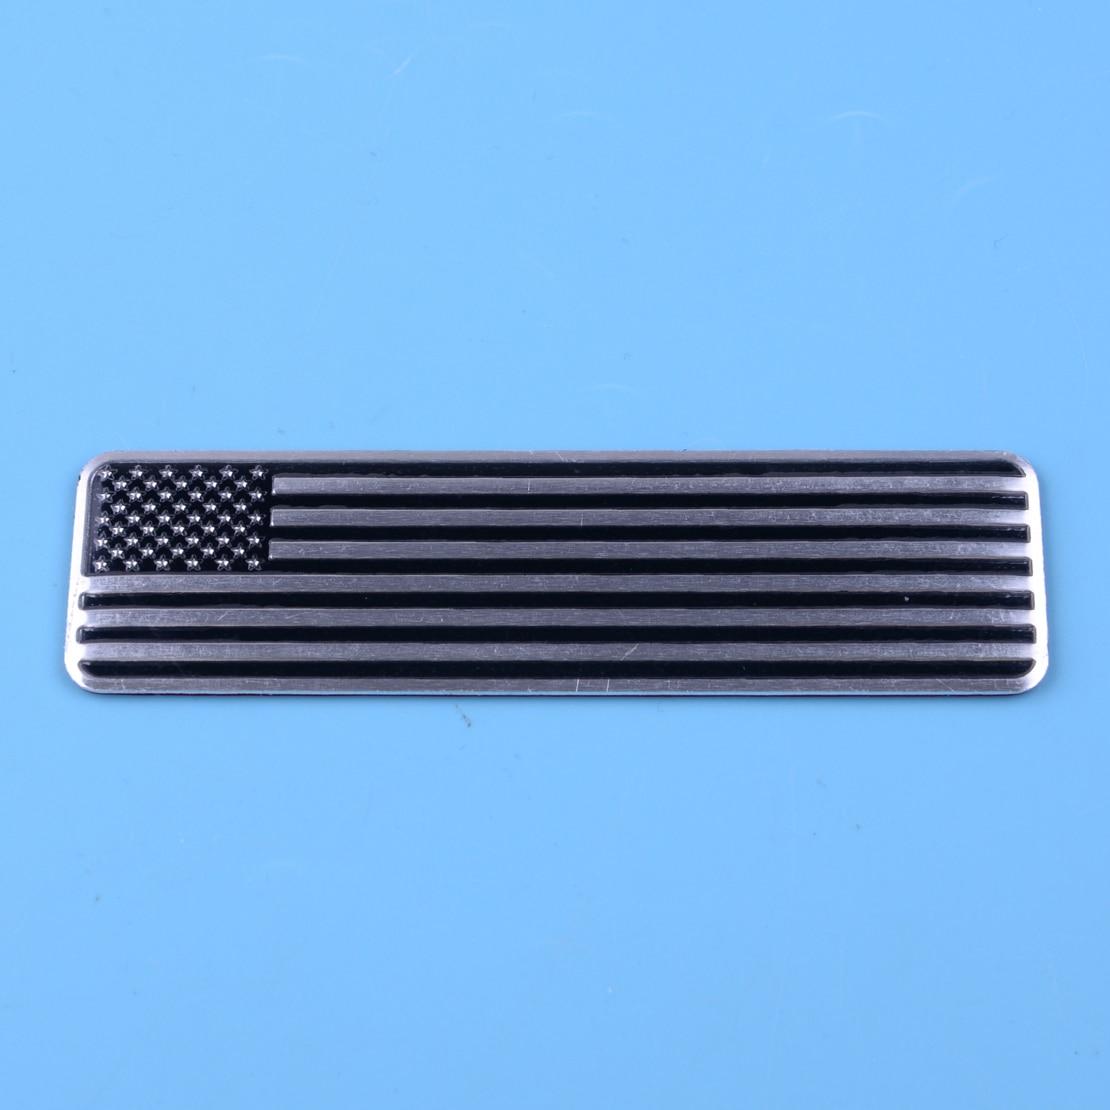 DWCX Универсальный алюминиевый сплав автомобильный топливный бак для мотоцикла США американский флаг сплав эмблема значок наклейка аксессу...